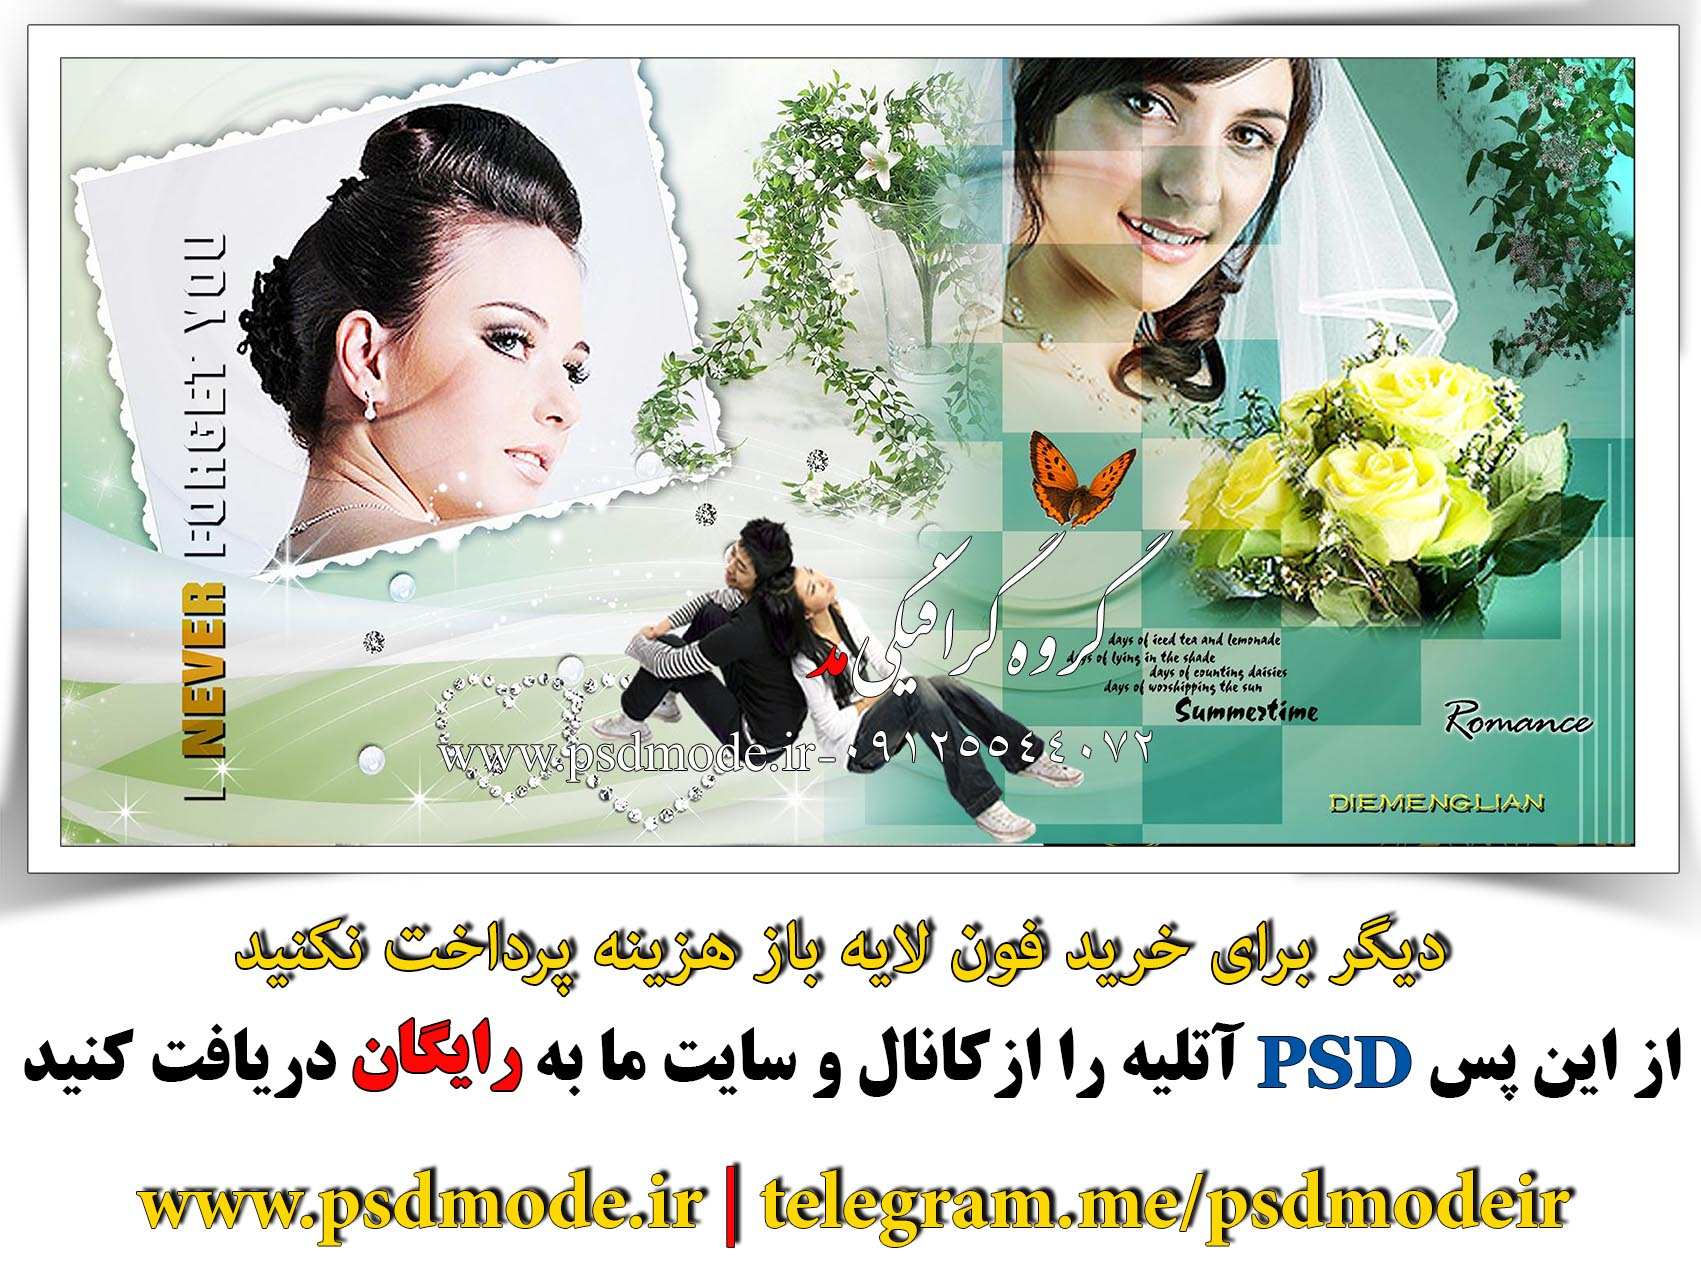 دانلود البوم ایتالیایی عروس و داماد